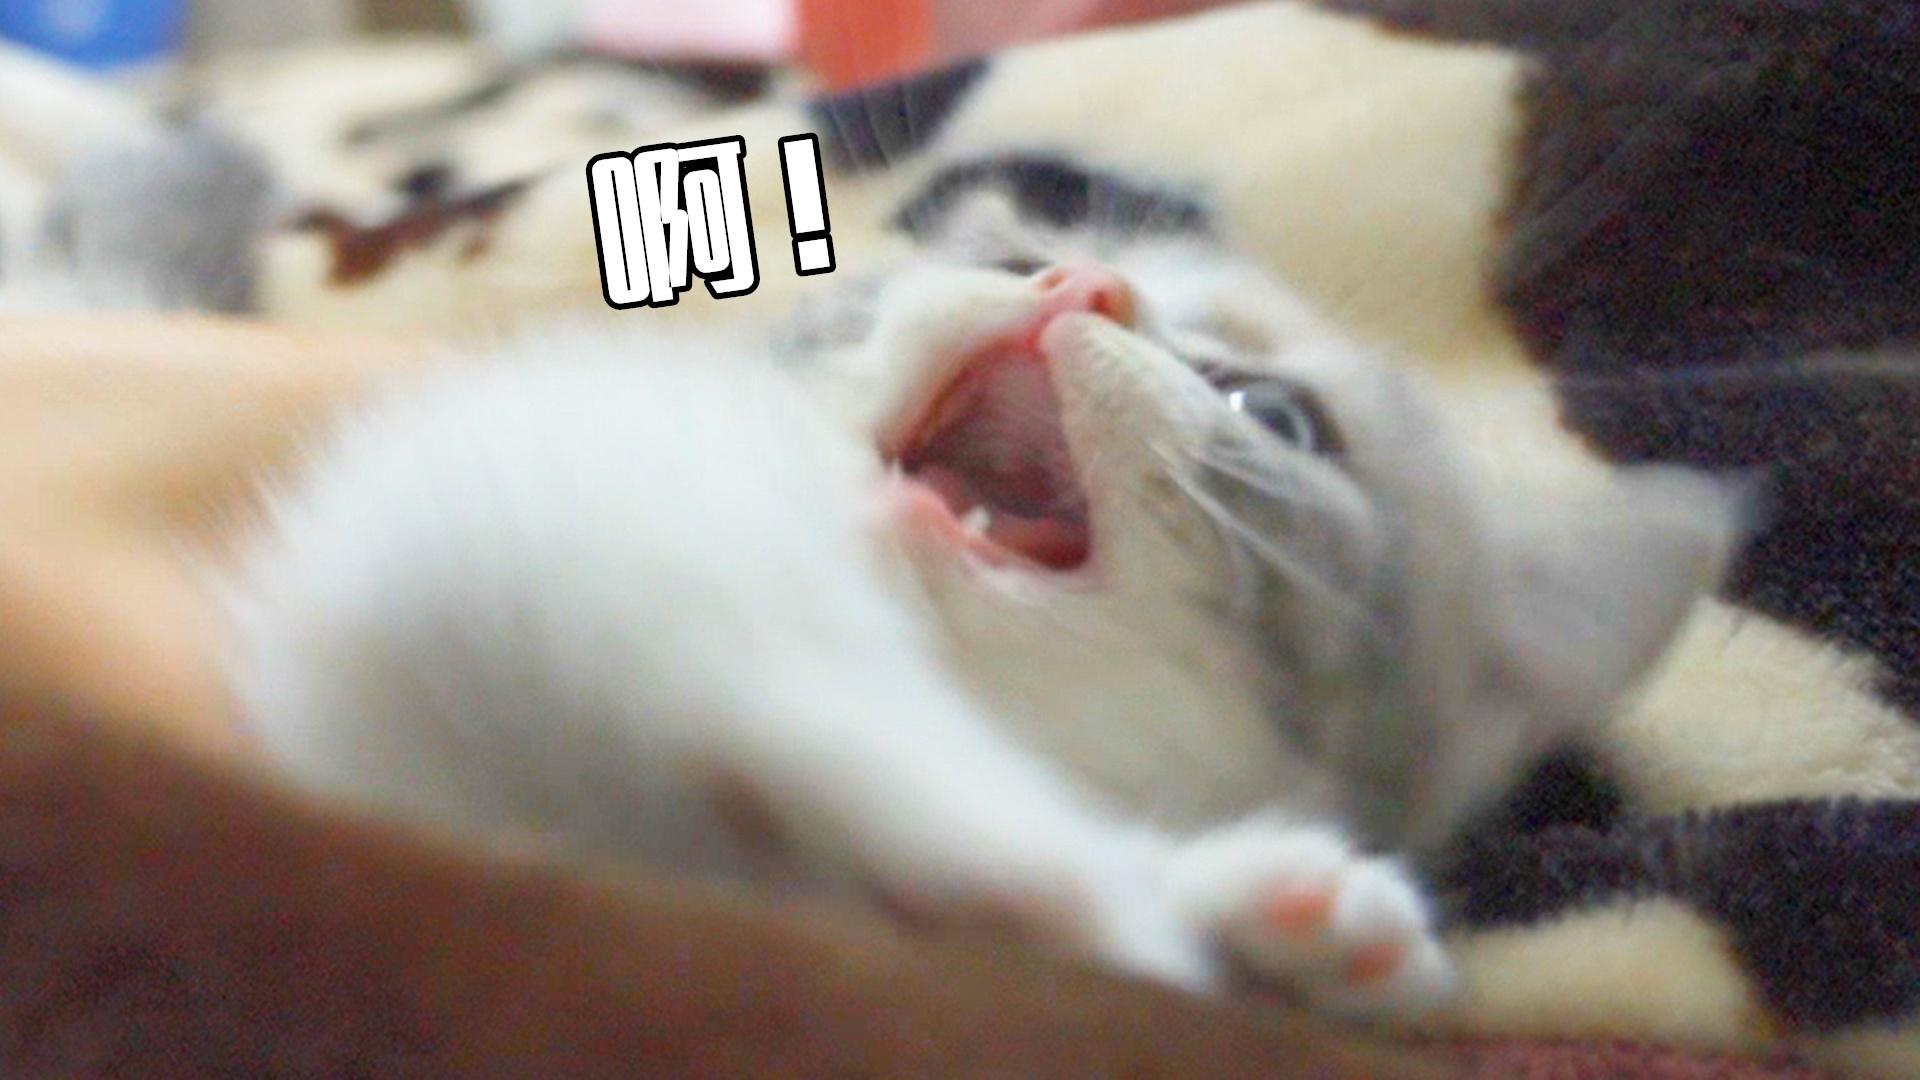 小奶猫的脾气这么大吗?一碰就要打人,好凶!